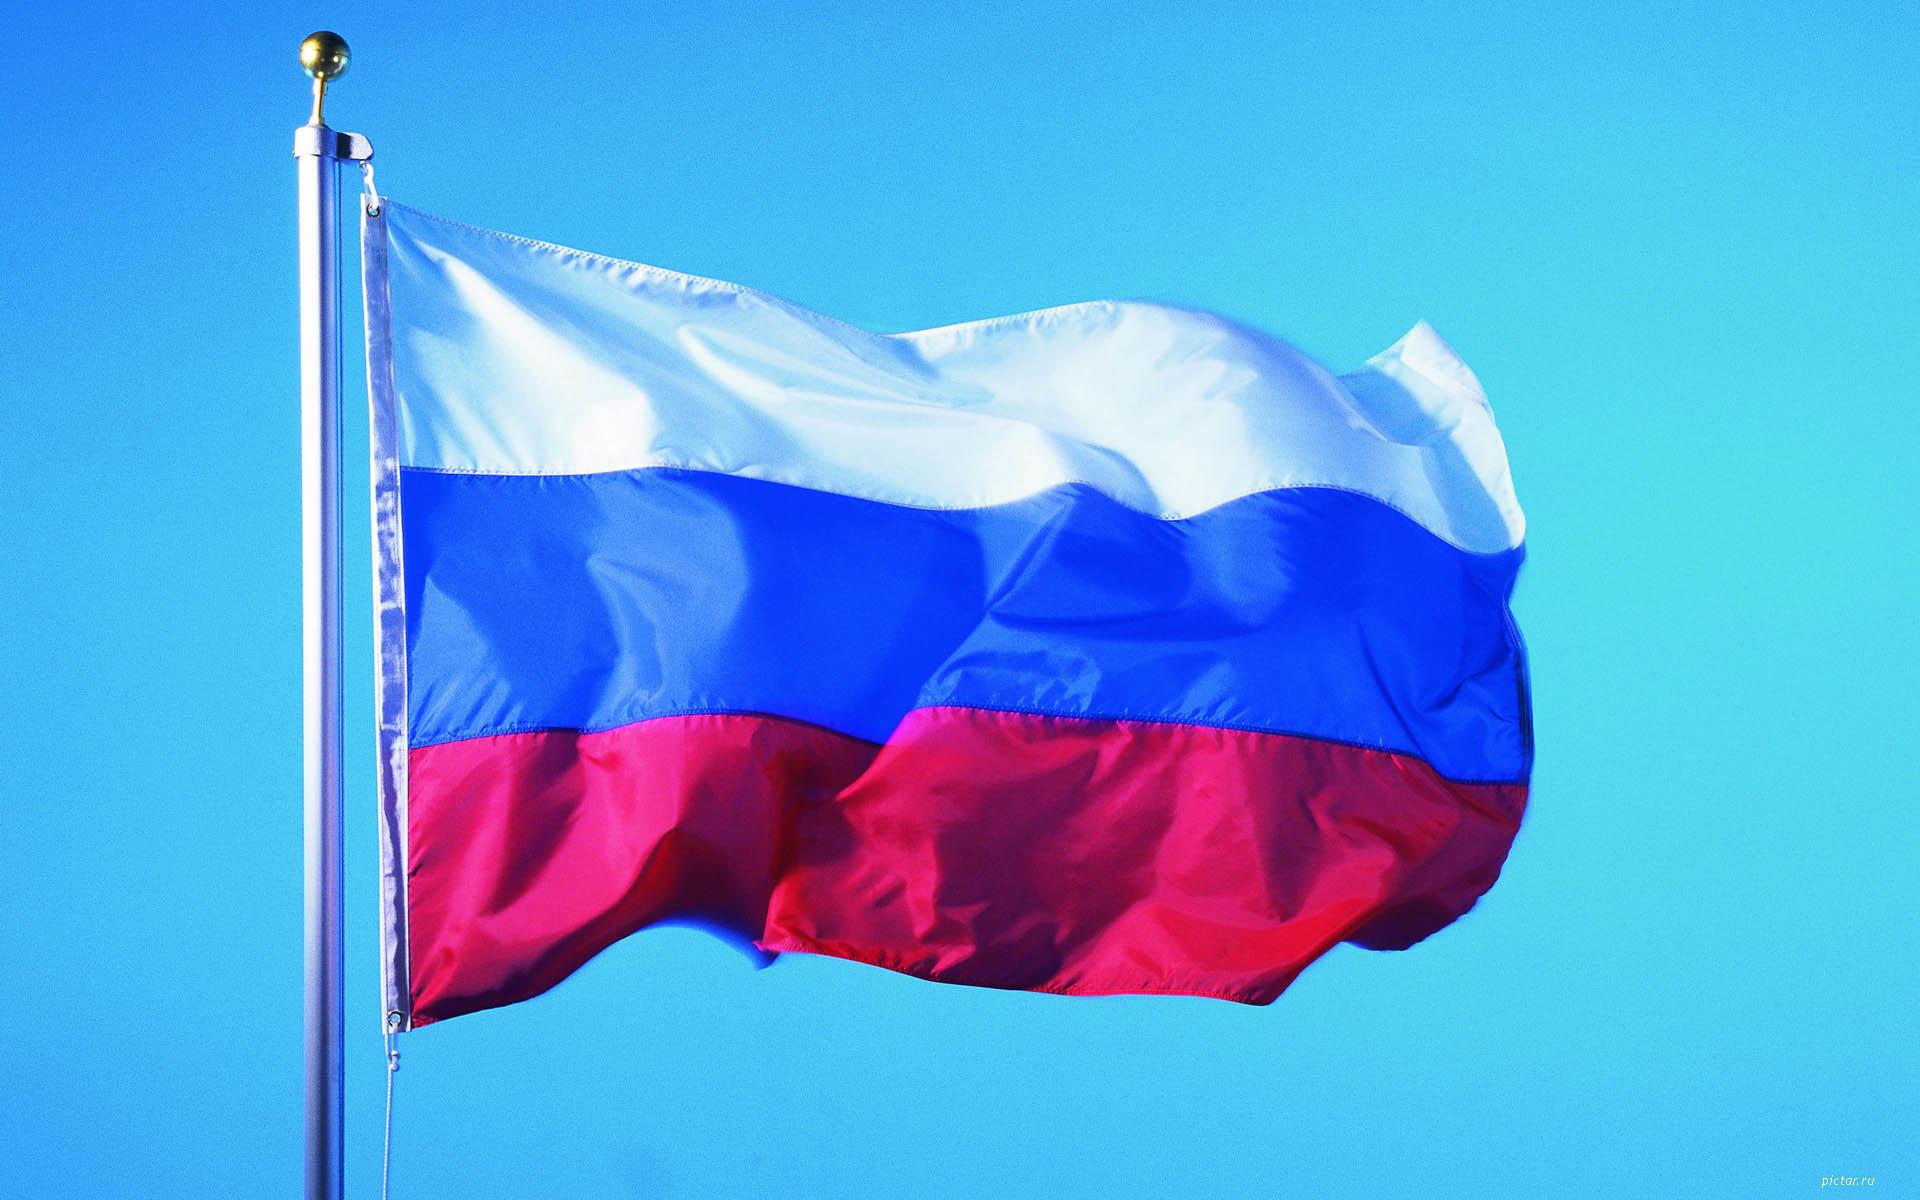 Картинка Россия - Картинки Флаги ...: pictar.ru/img-rossiya-33016.htm